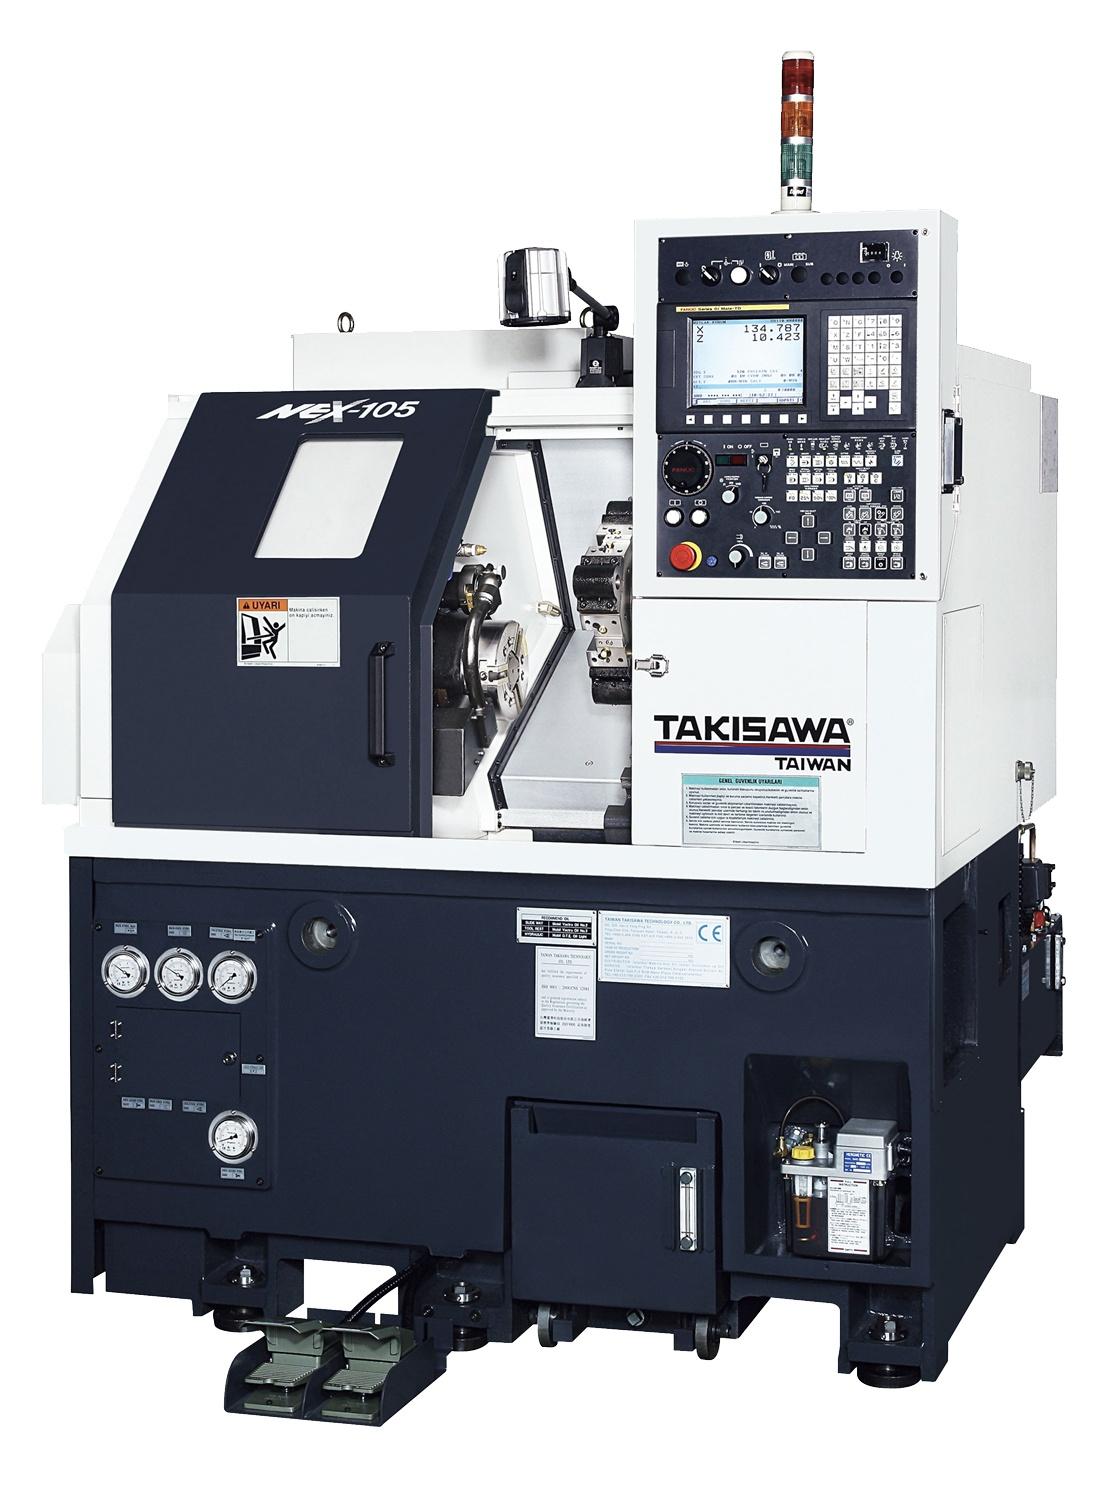 Takisawa NEX-105